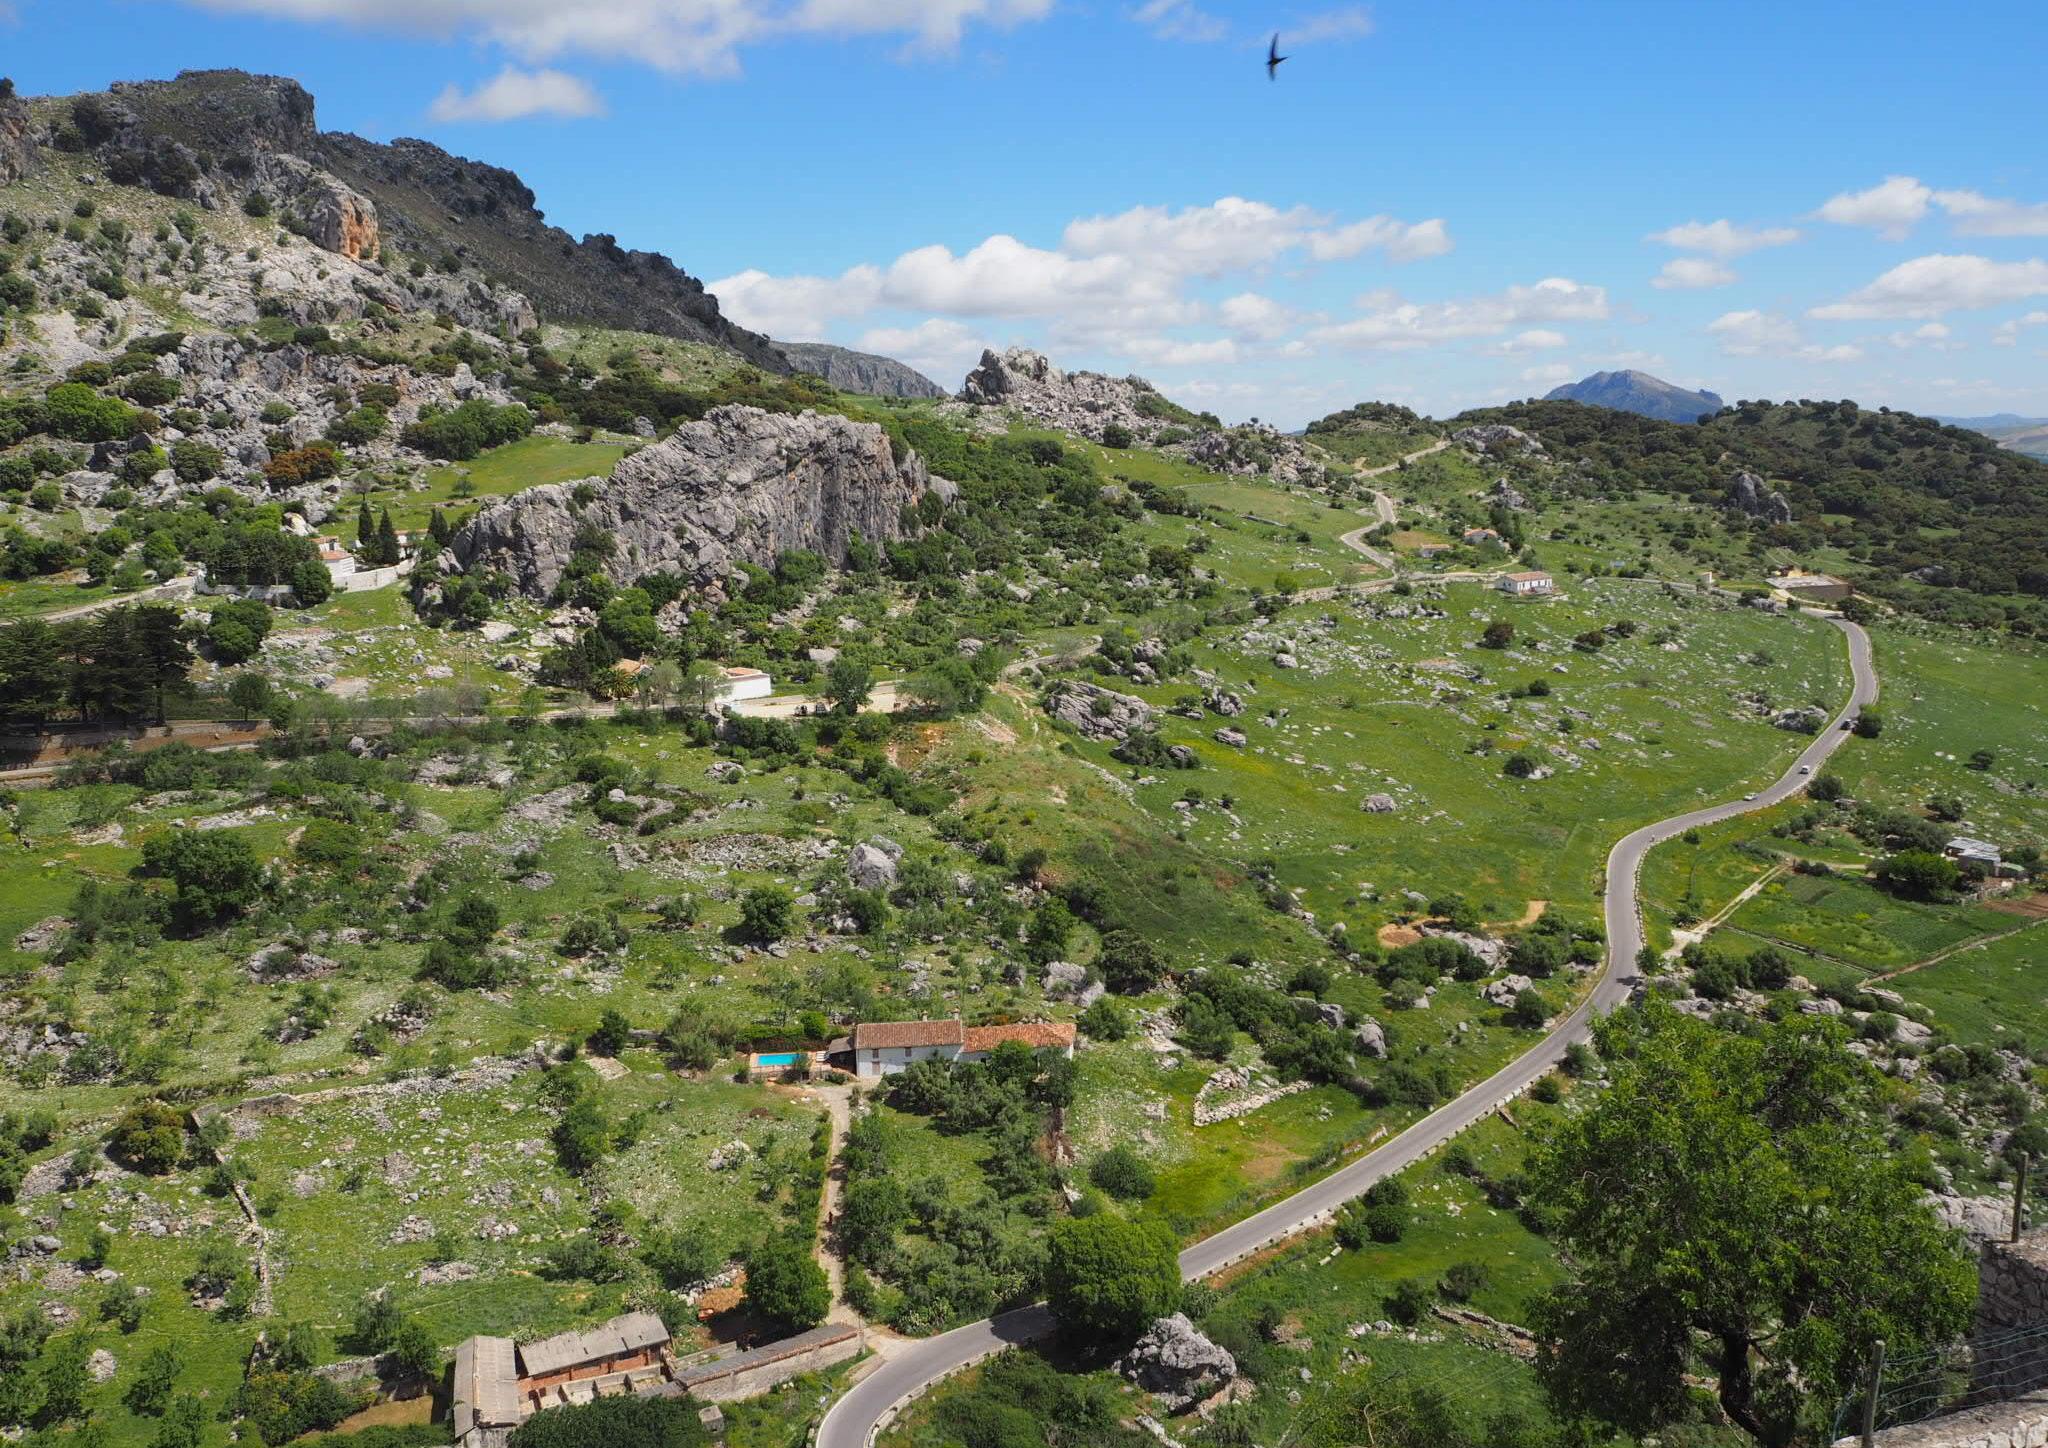 Mal keine Olivenbäume - Landschaft in der Sierra de Grazalema